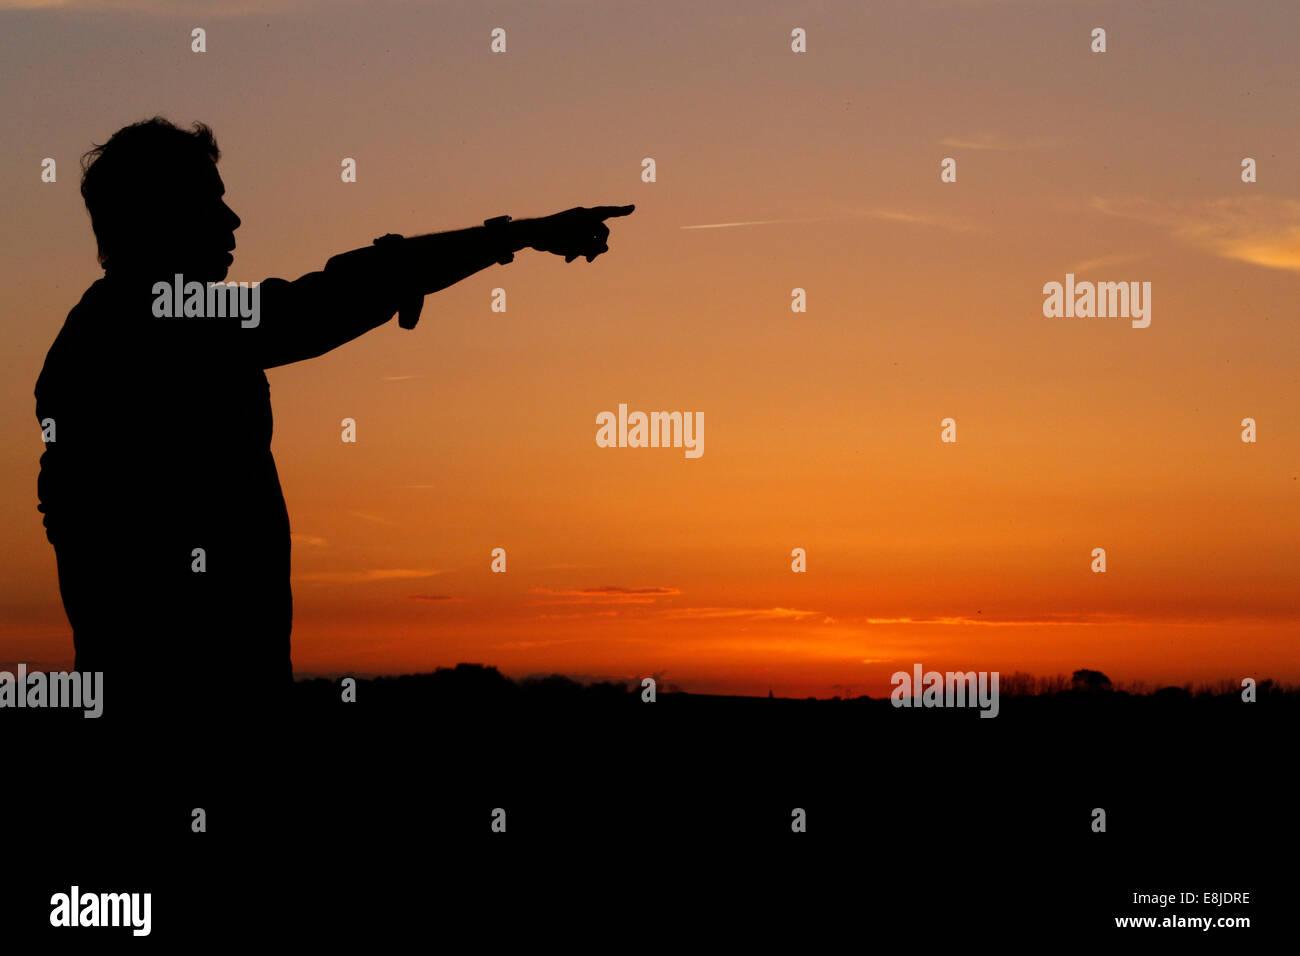 Silhouette di un uomo rivolto all'orizzonte al tramonto. Immagini Stock